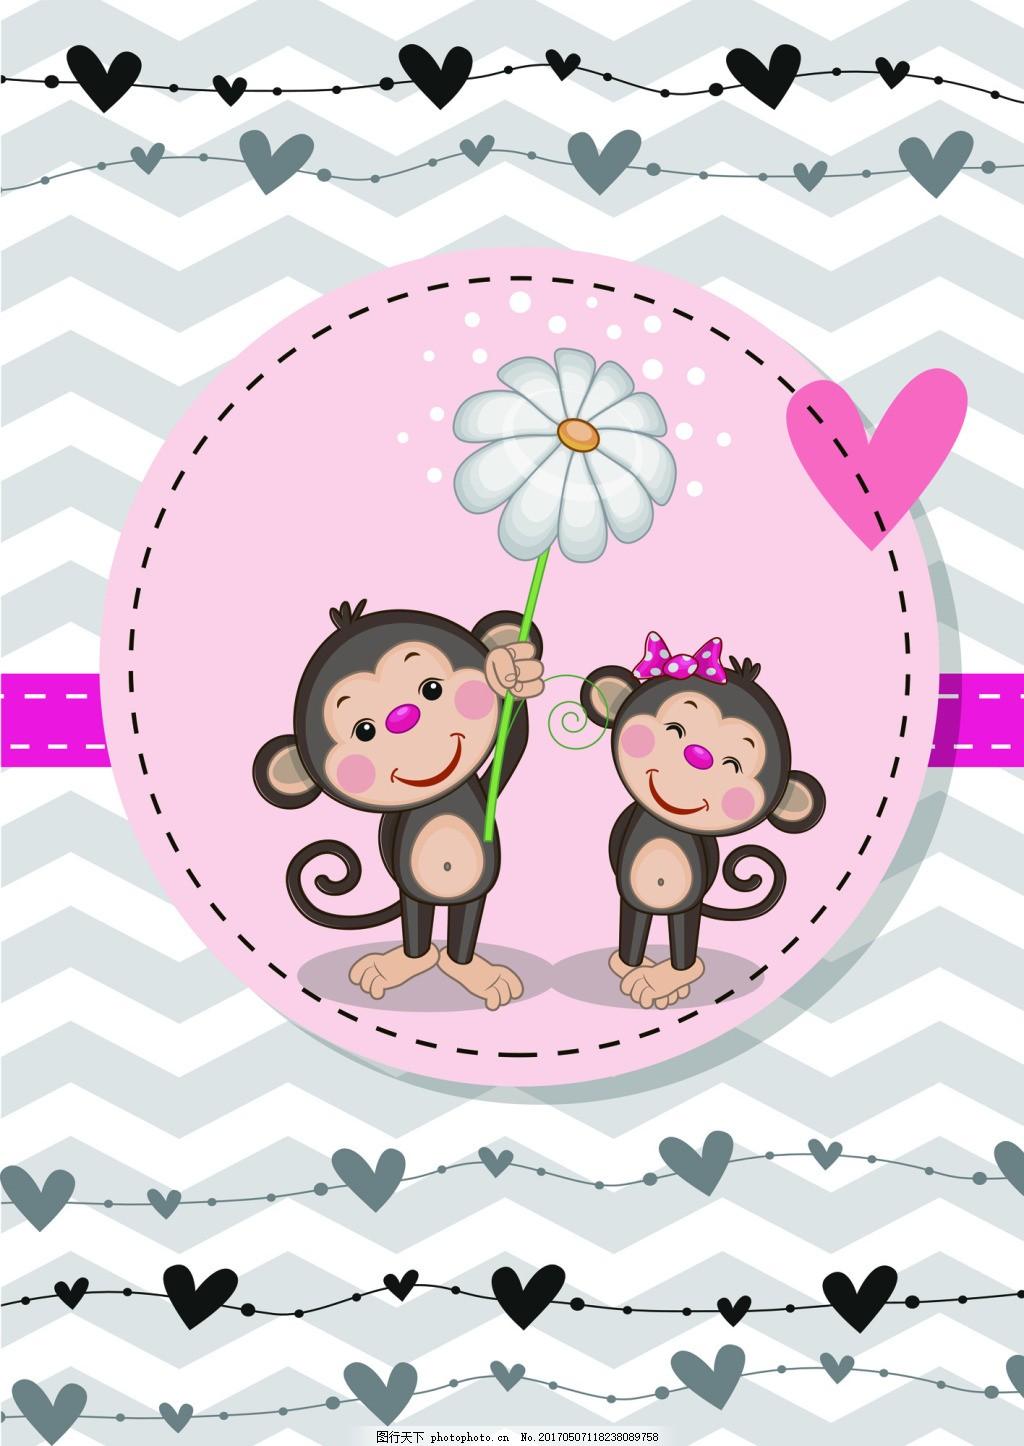 灰色 背景 卡通 猴子 幼儿园 可爱 波纹 动物 儿童